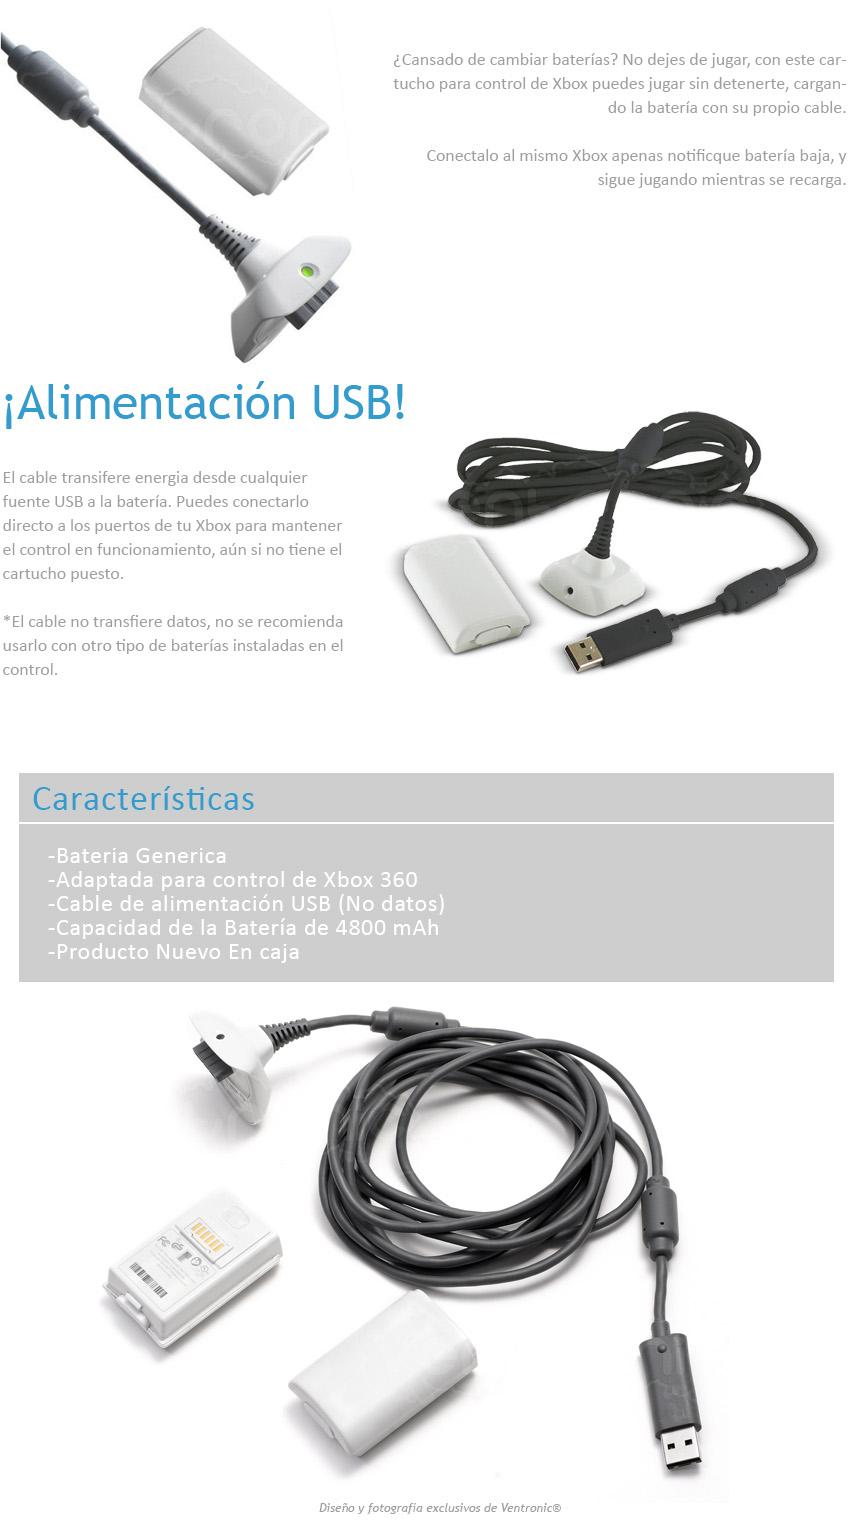 Linio: kit carga y juega Xbox 360 genérico $120 y envío gratis con Linio Plus